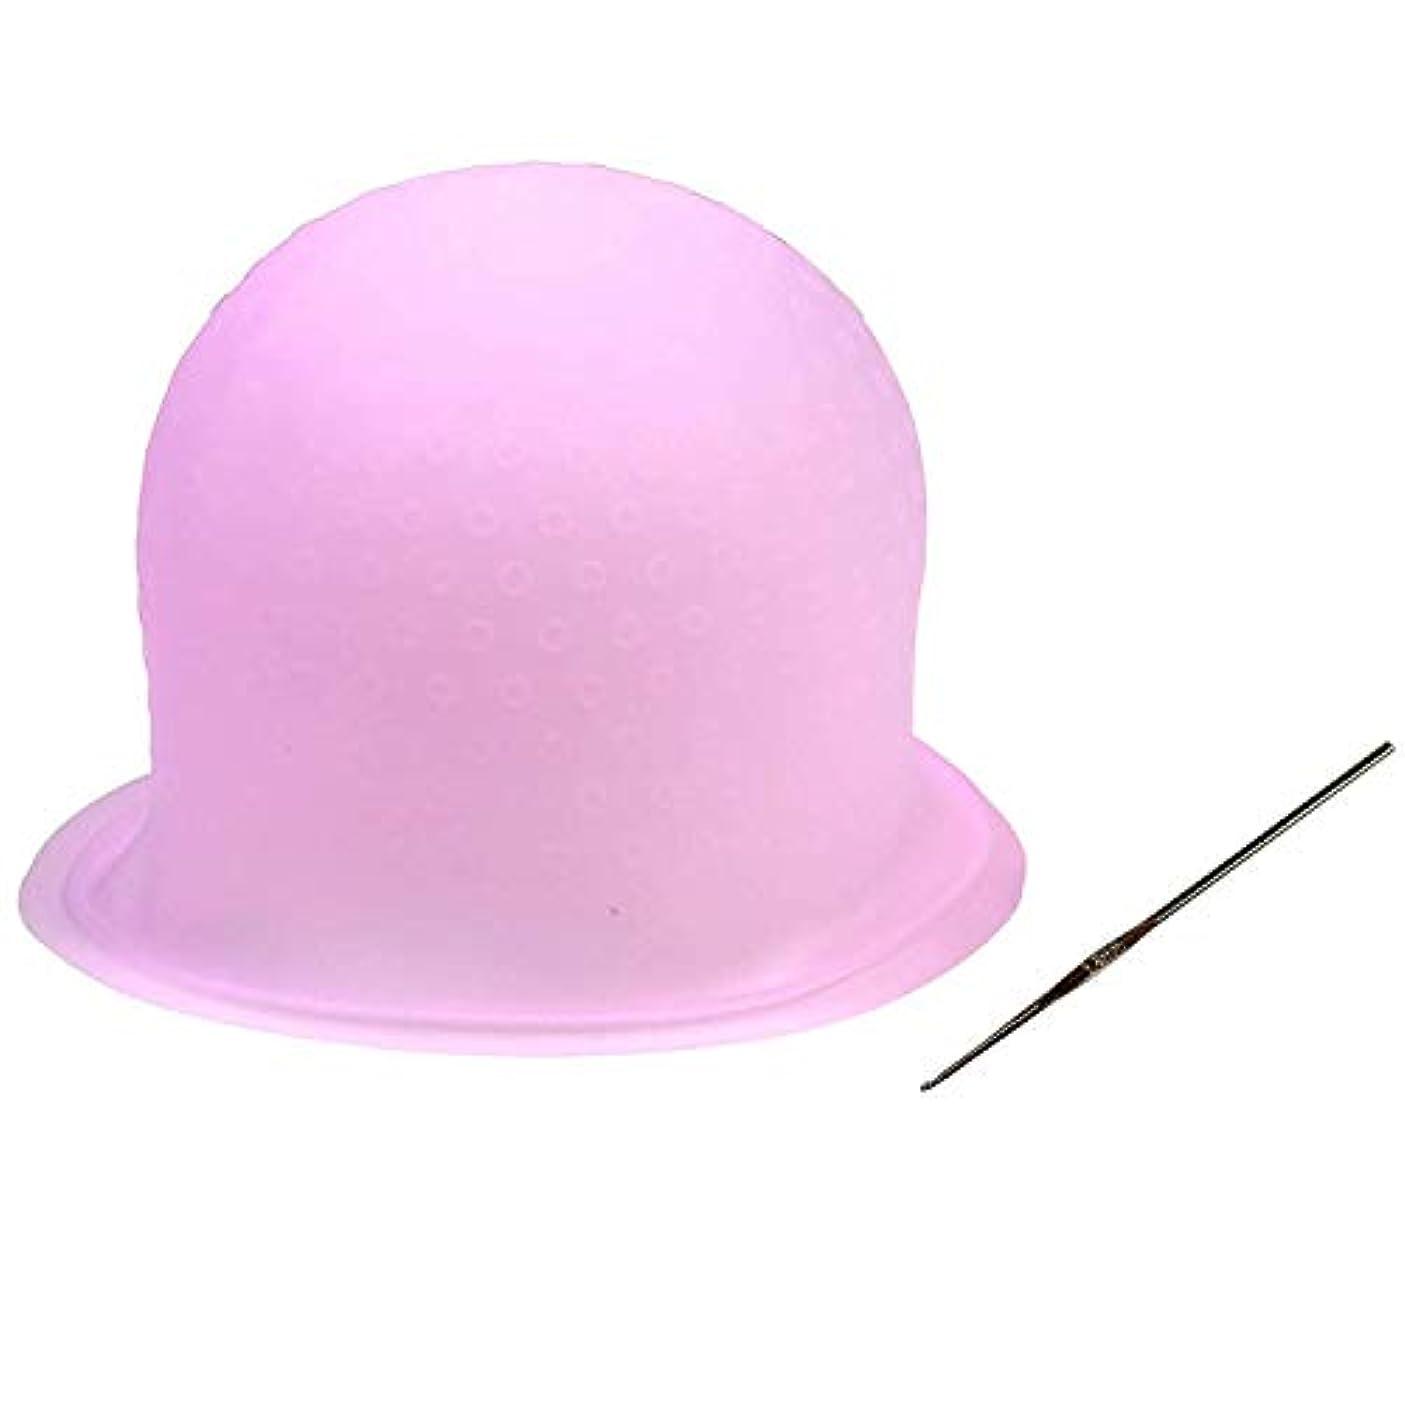 上昇鋸歯状運搬毛染めキャップ 洗って使える ヘアカラー メッシュ シリコン ヘア キャップ(かぎ針付き) 再利用可能 染め専用 ボンネット 部分染め 自宅 DIY (ピンク)